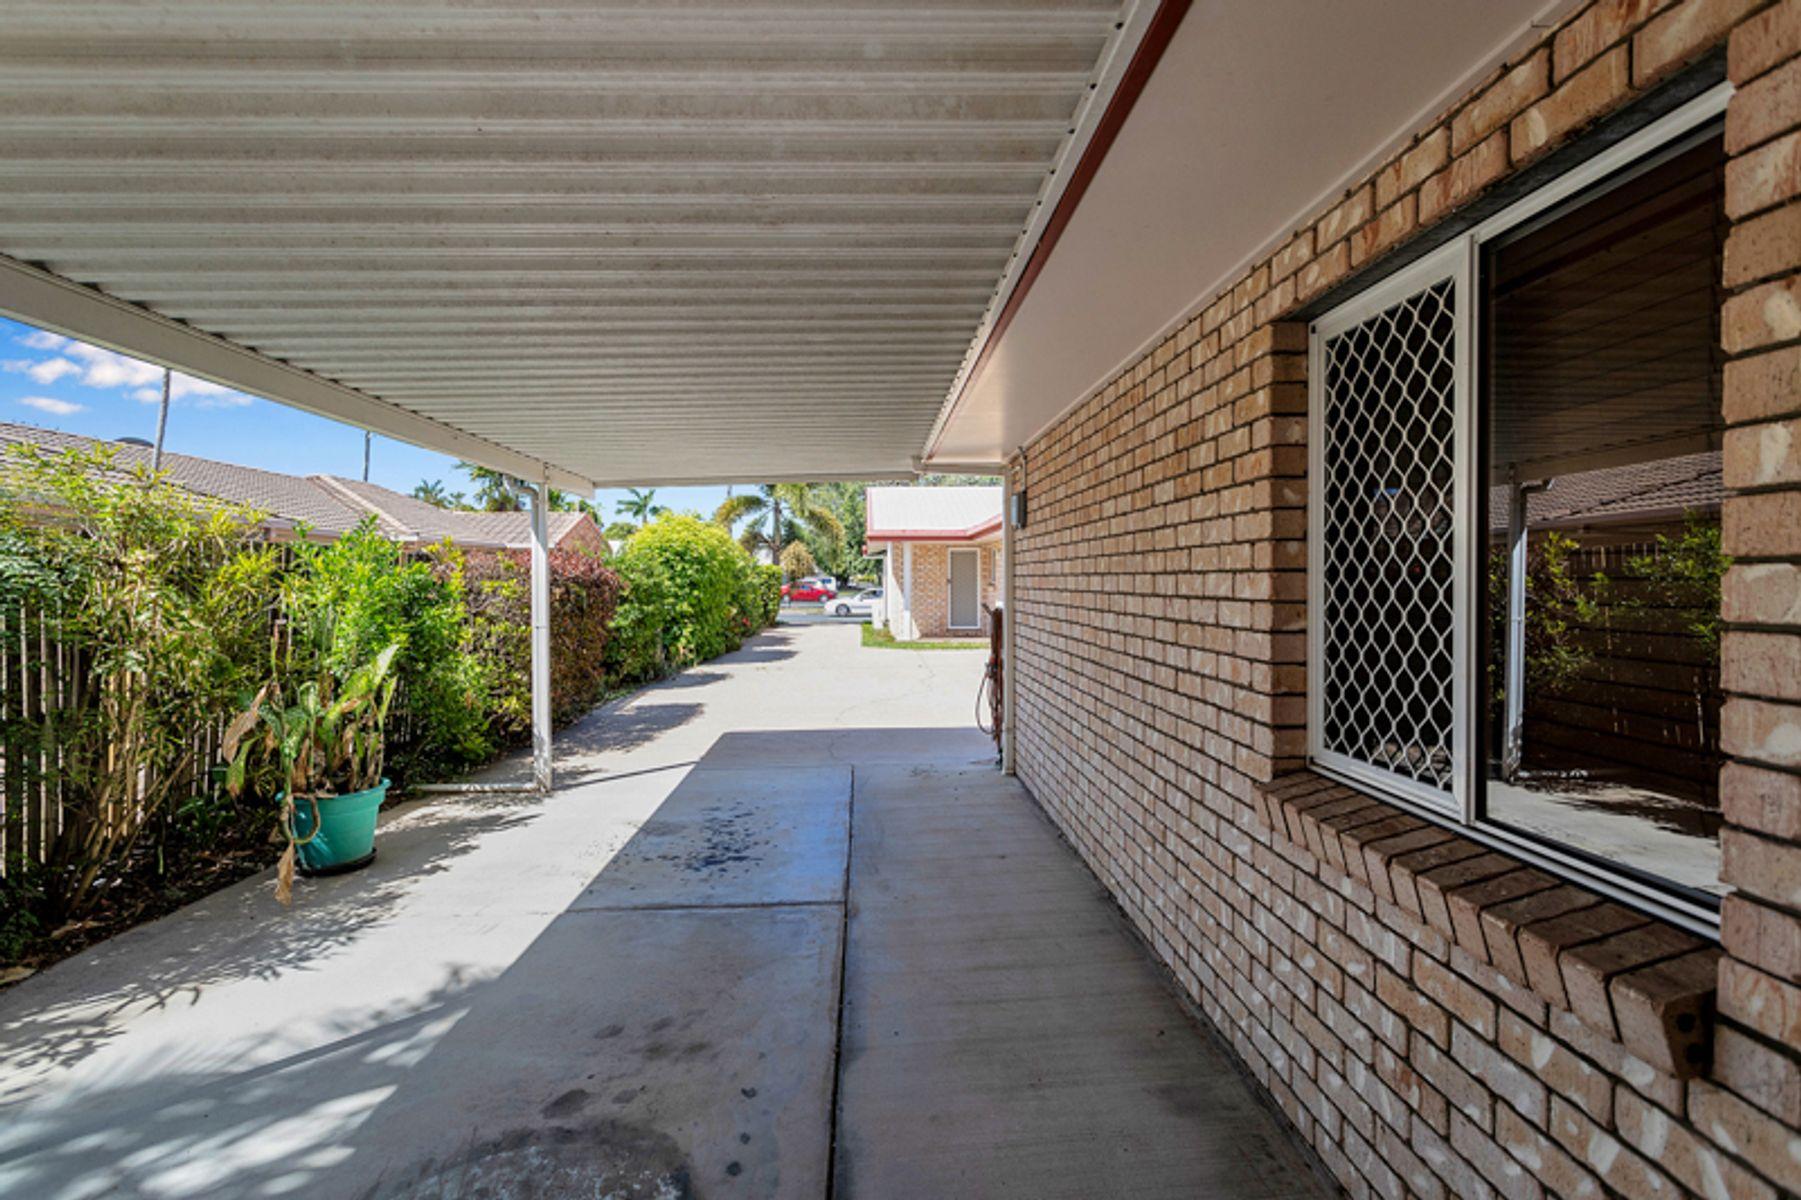 3/379 Bridge Road, West Mackay, QLD 4740